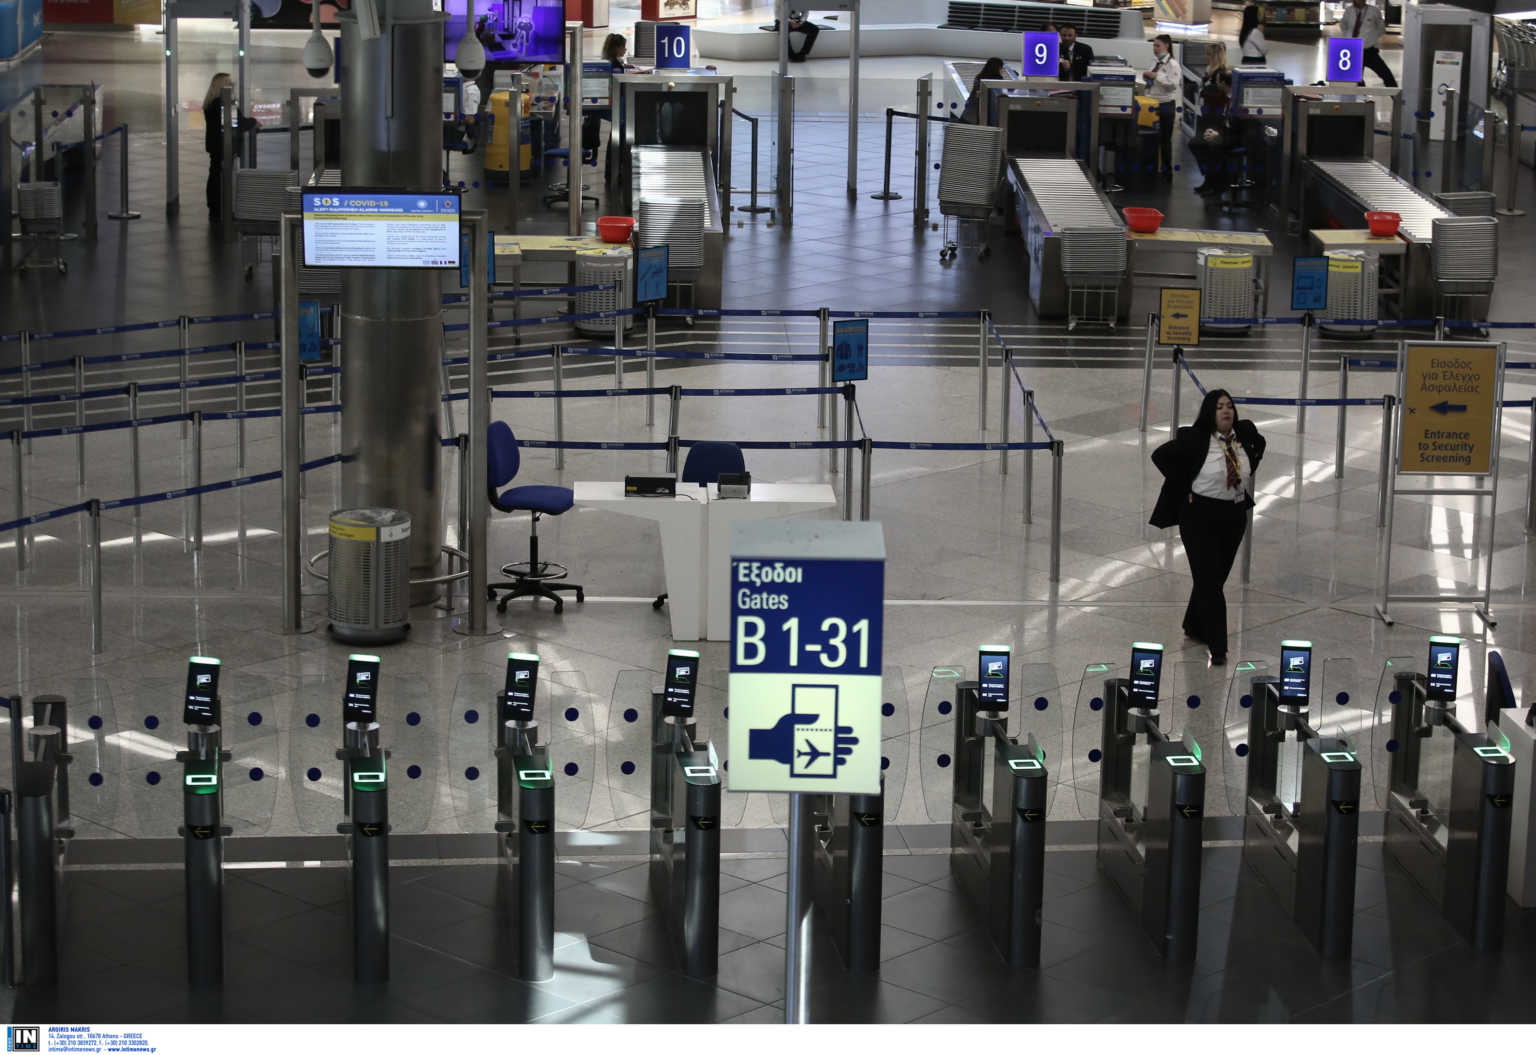 ΥΠΑ: Μείωση 60,9% της επιβατικής κίνησης στα αεροδρόμια όλης της χώρας τον Μάρτιο